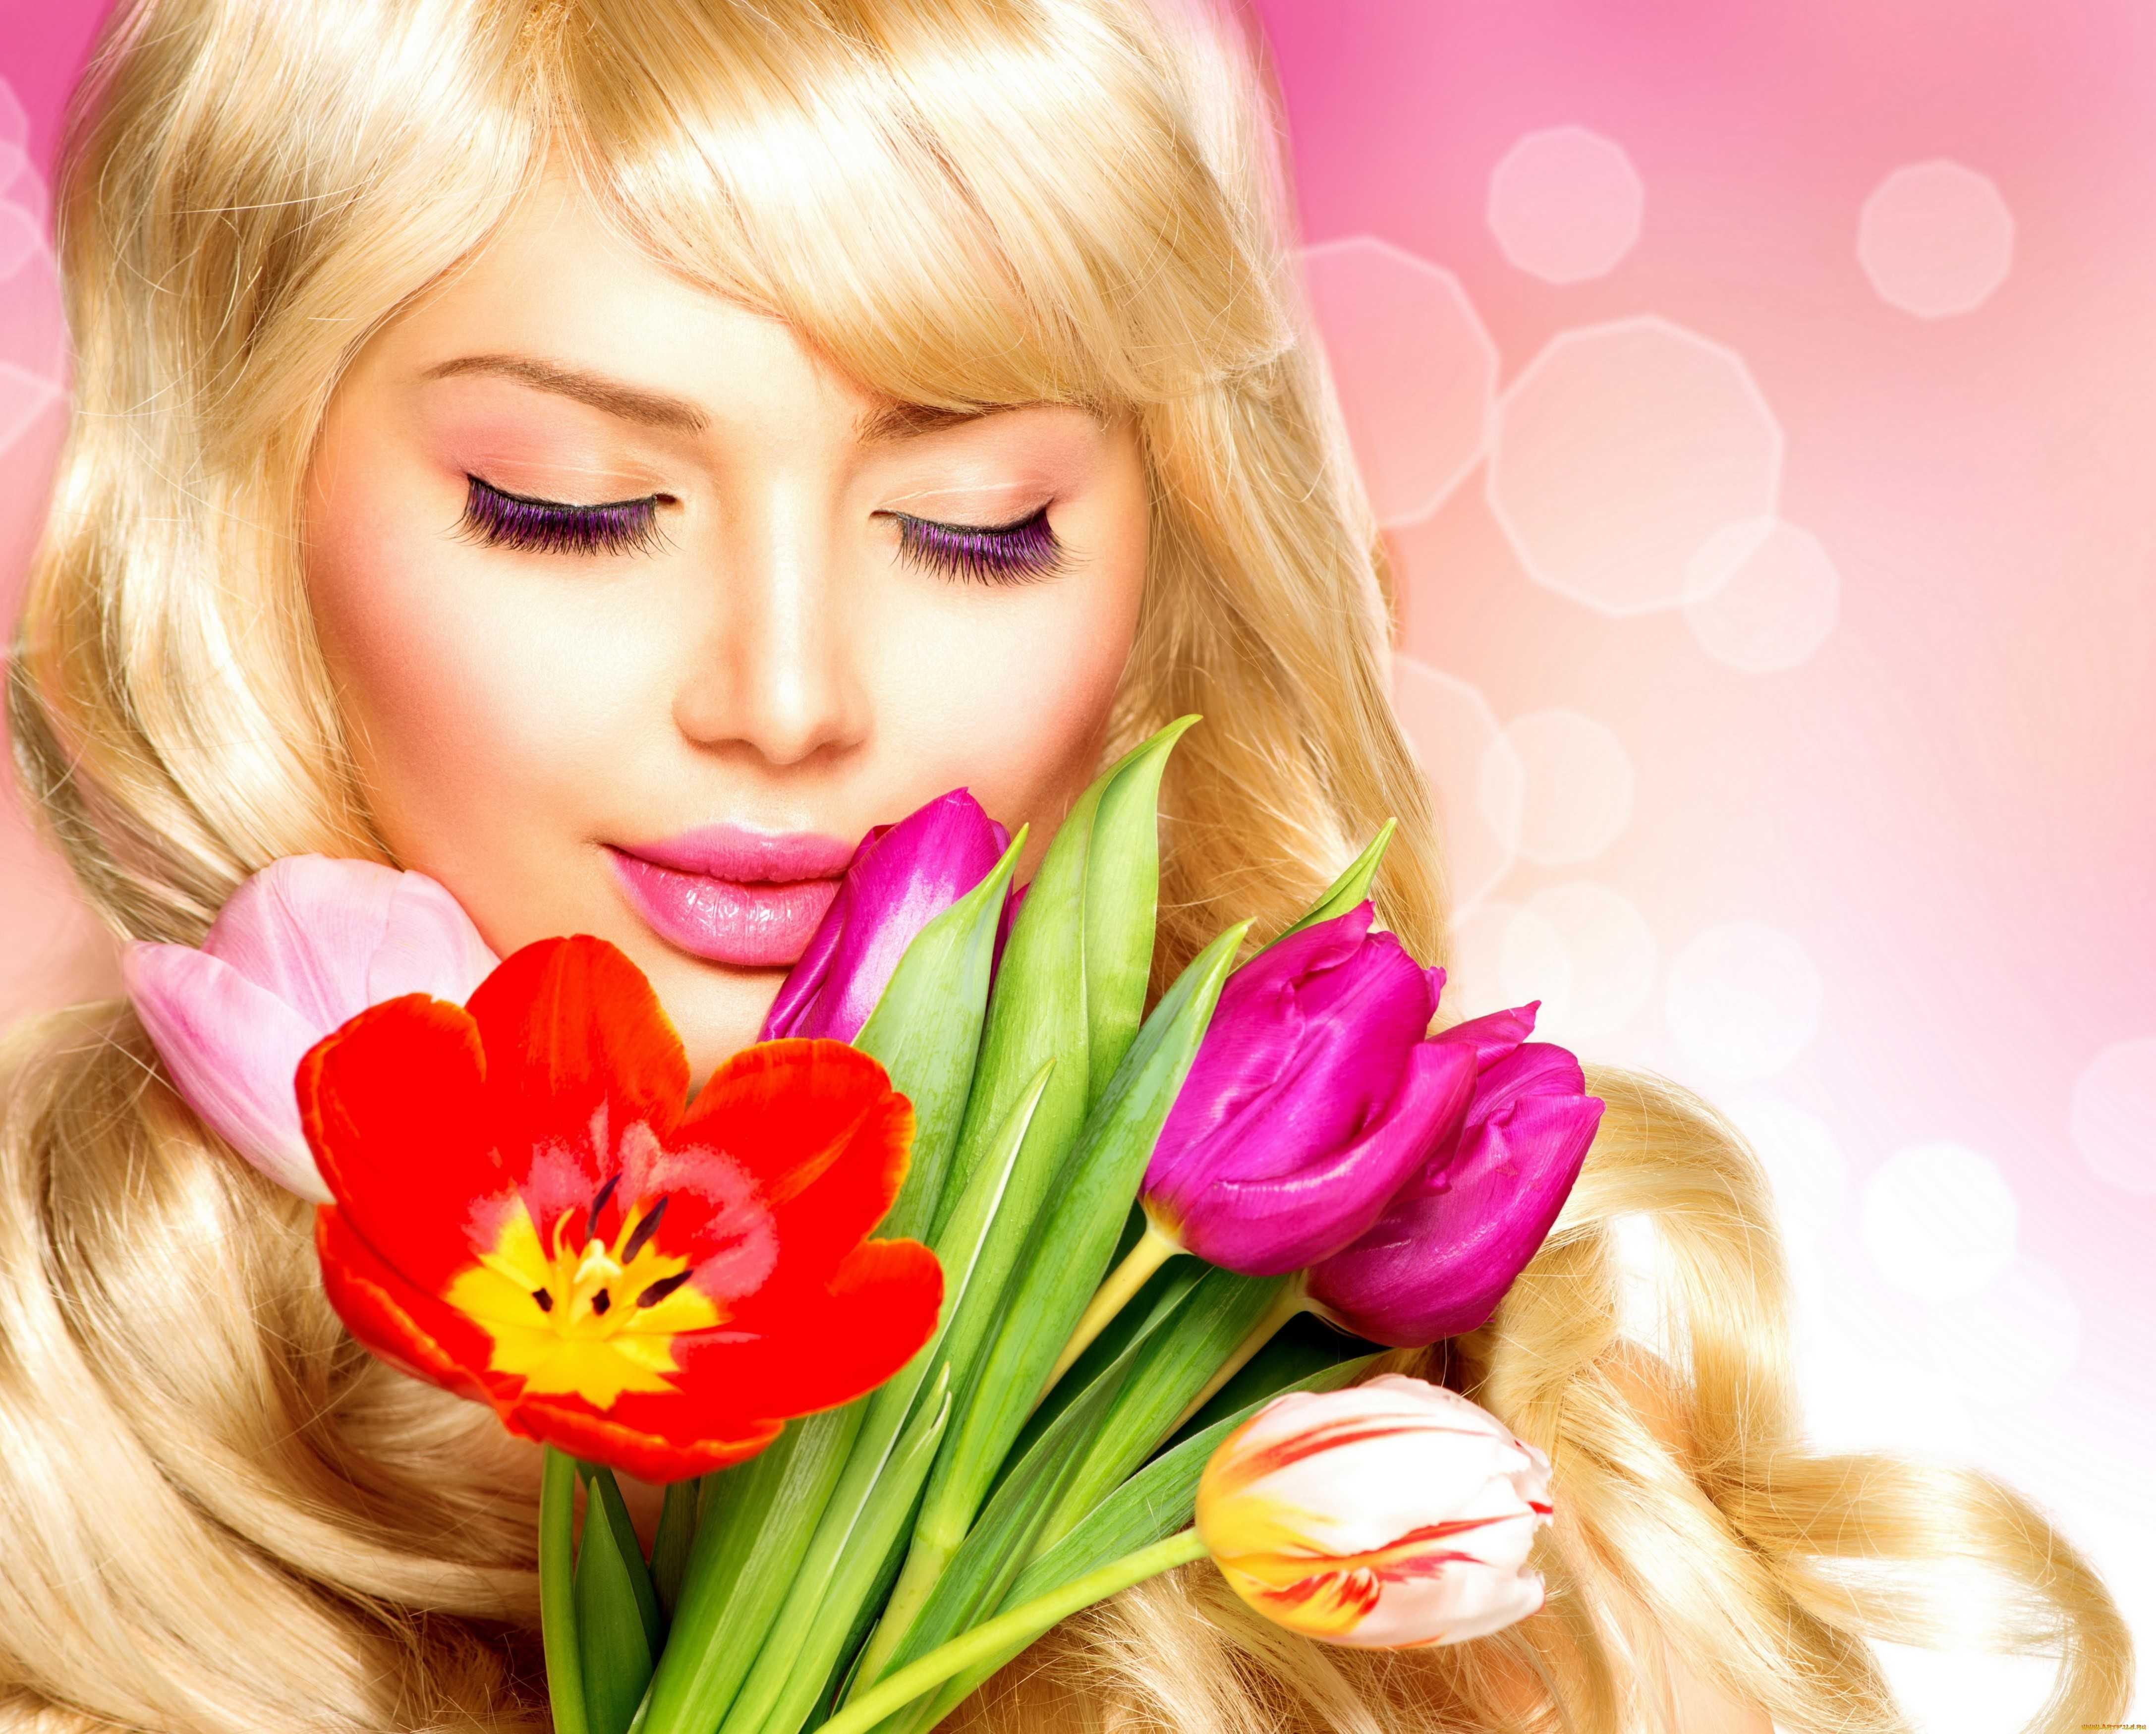 点击图片欣赏原图5506-4016浪漫人生祝您欣赏愉快!